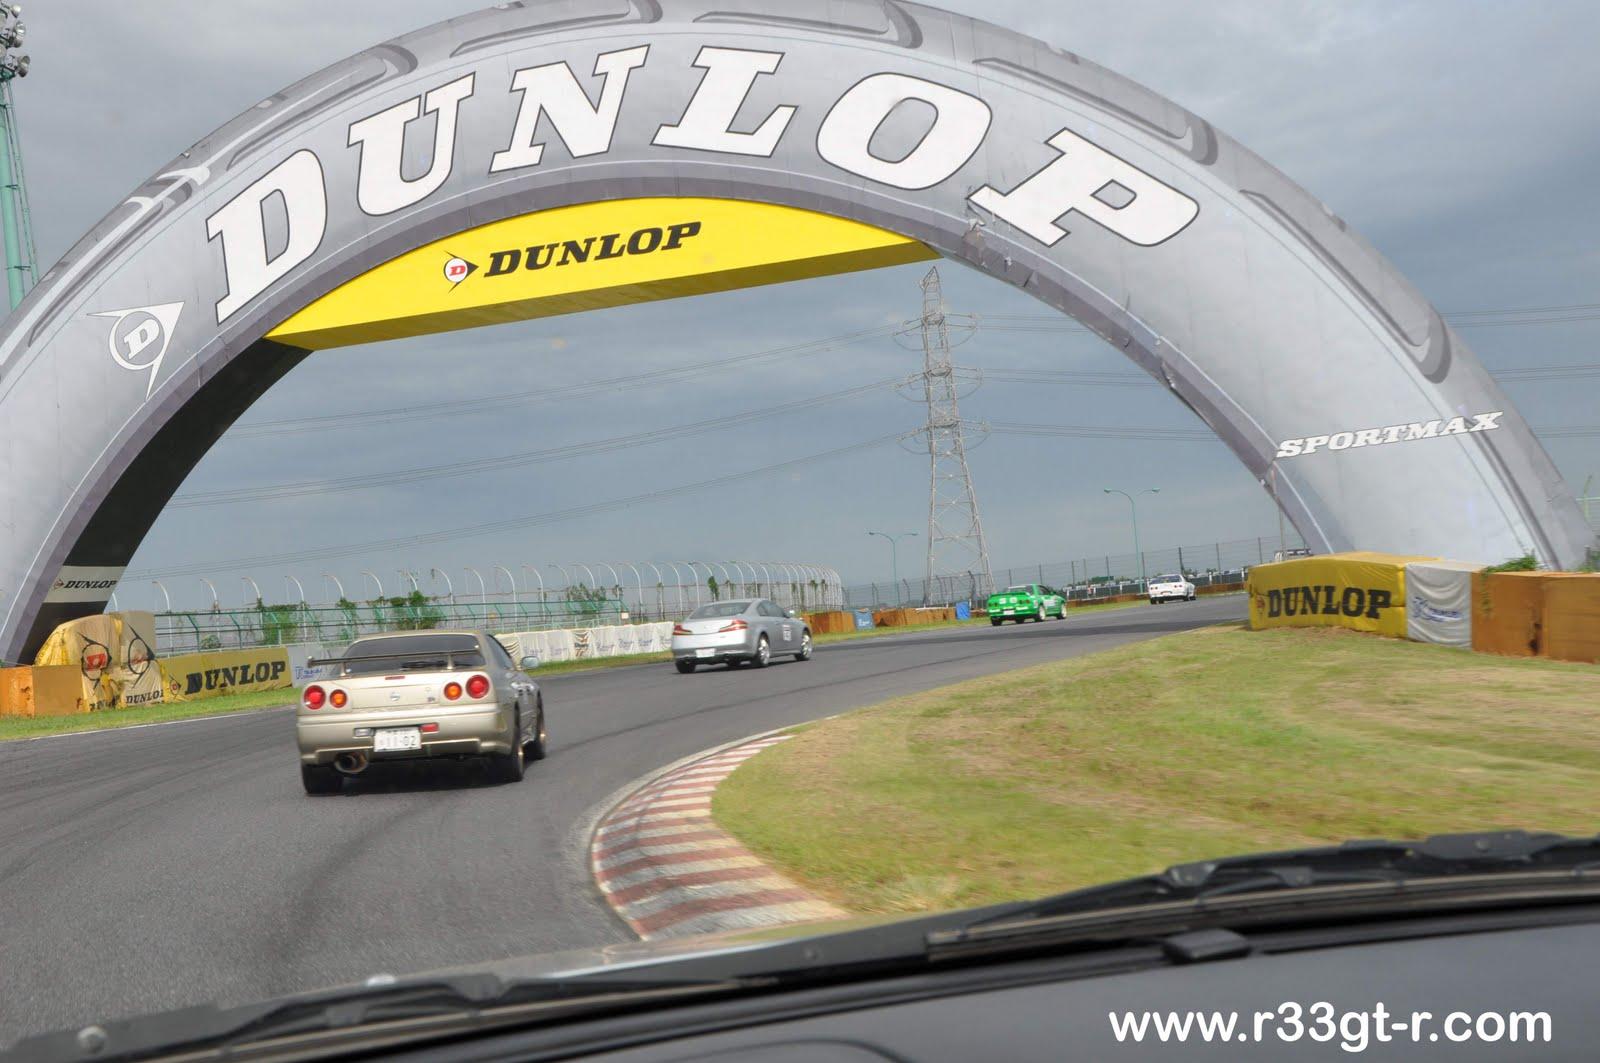 Dunlop2.jpg